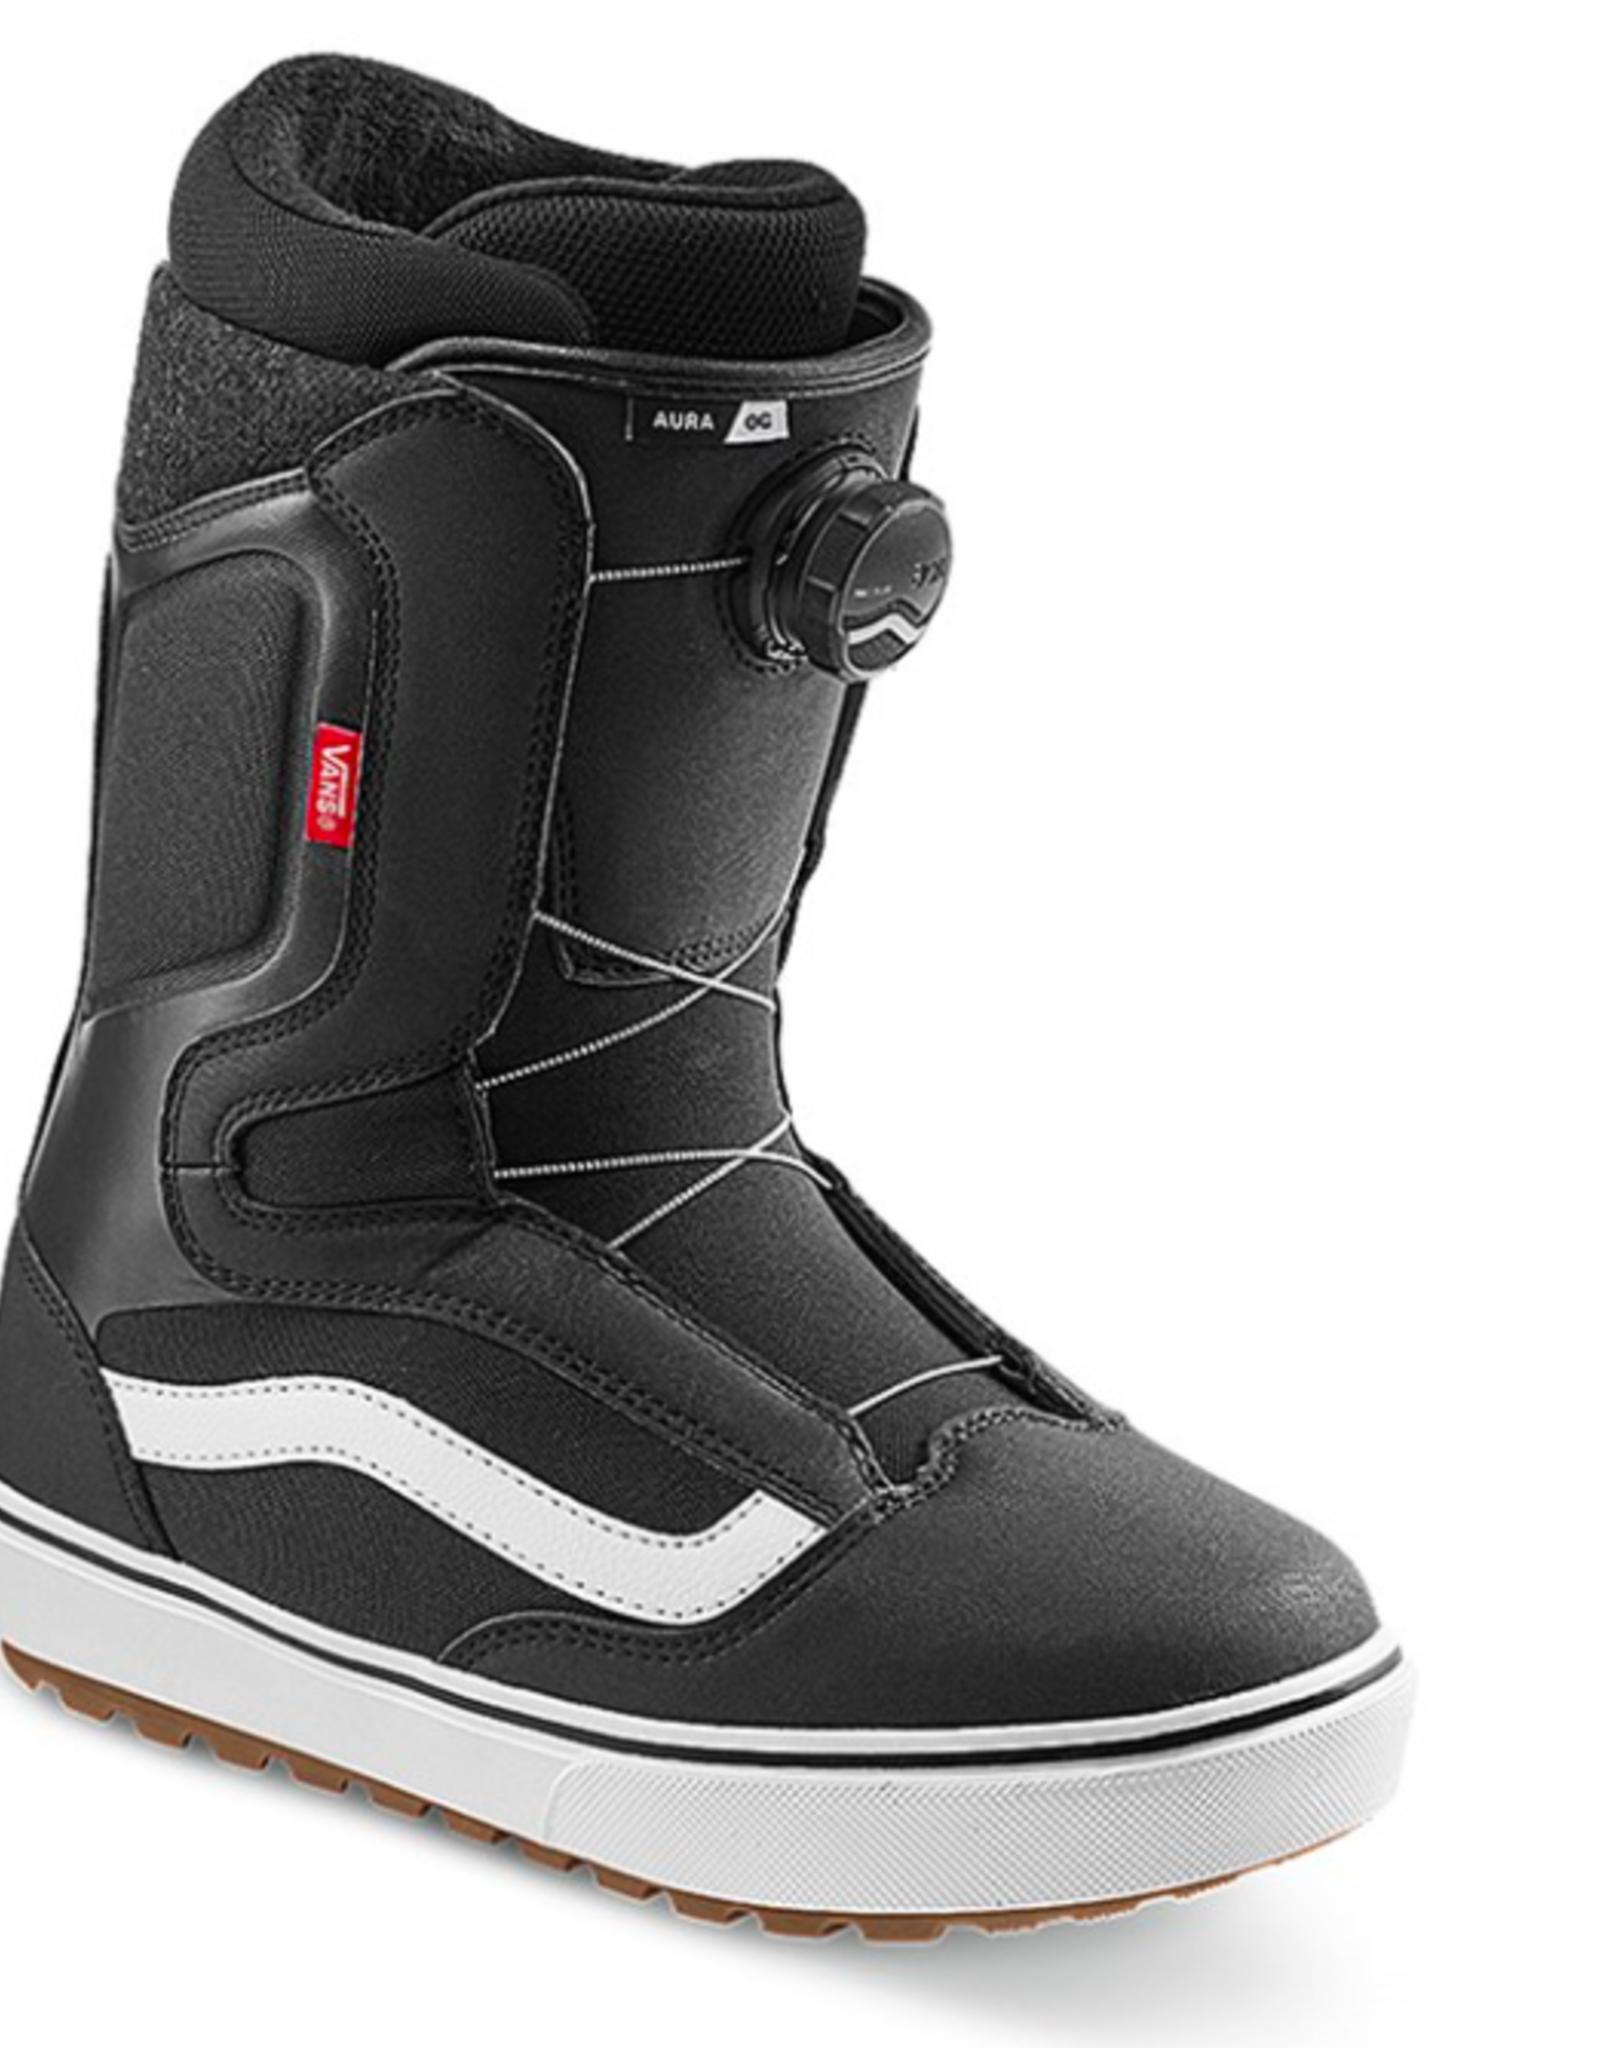 Vans Men's Aura OG Snowboard Boots Black/White 2022